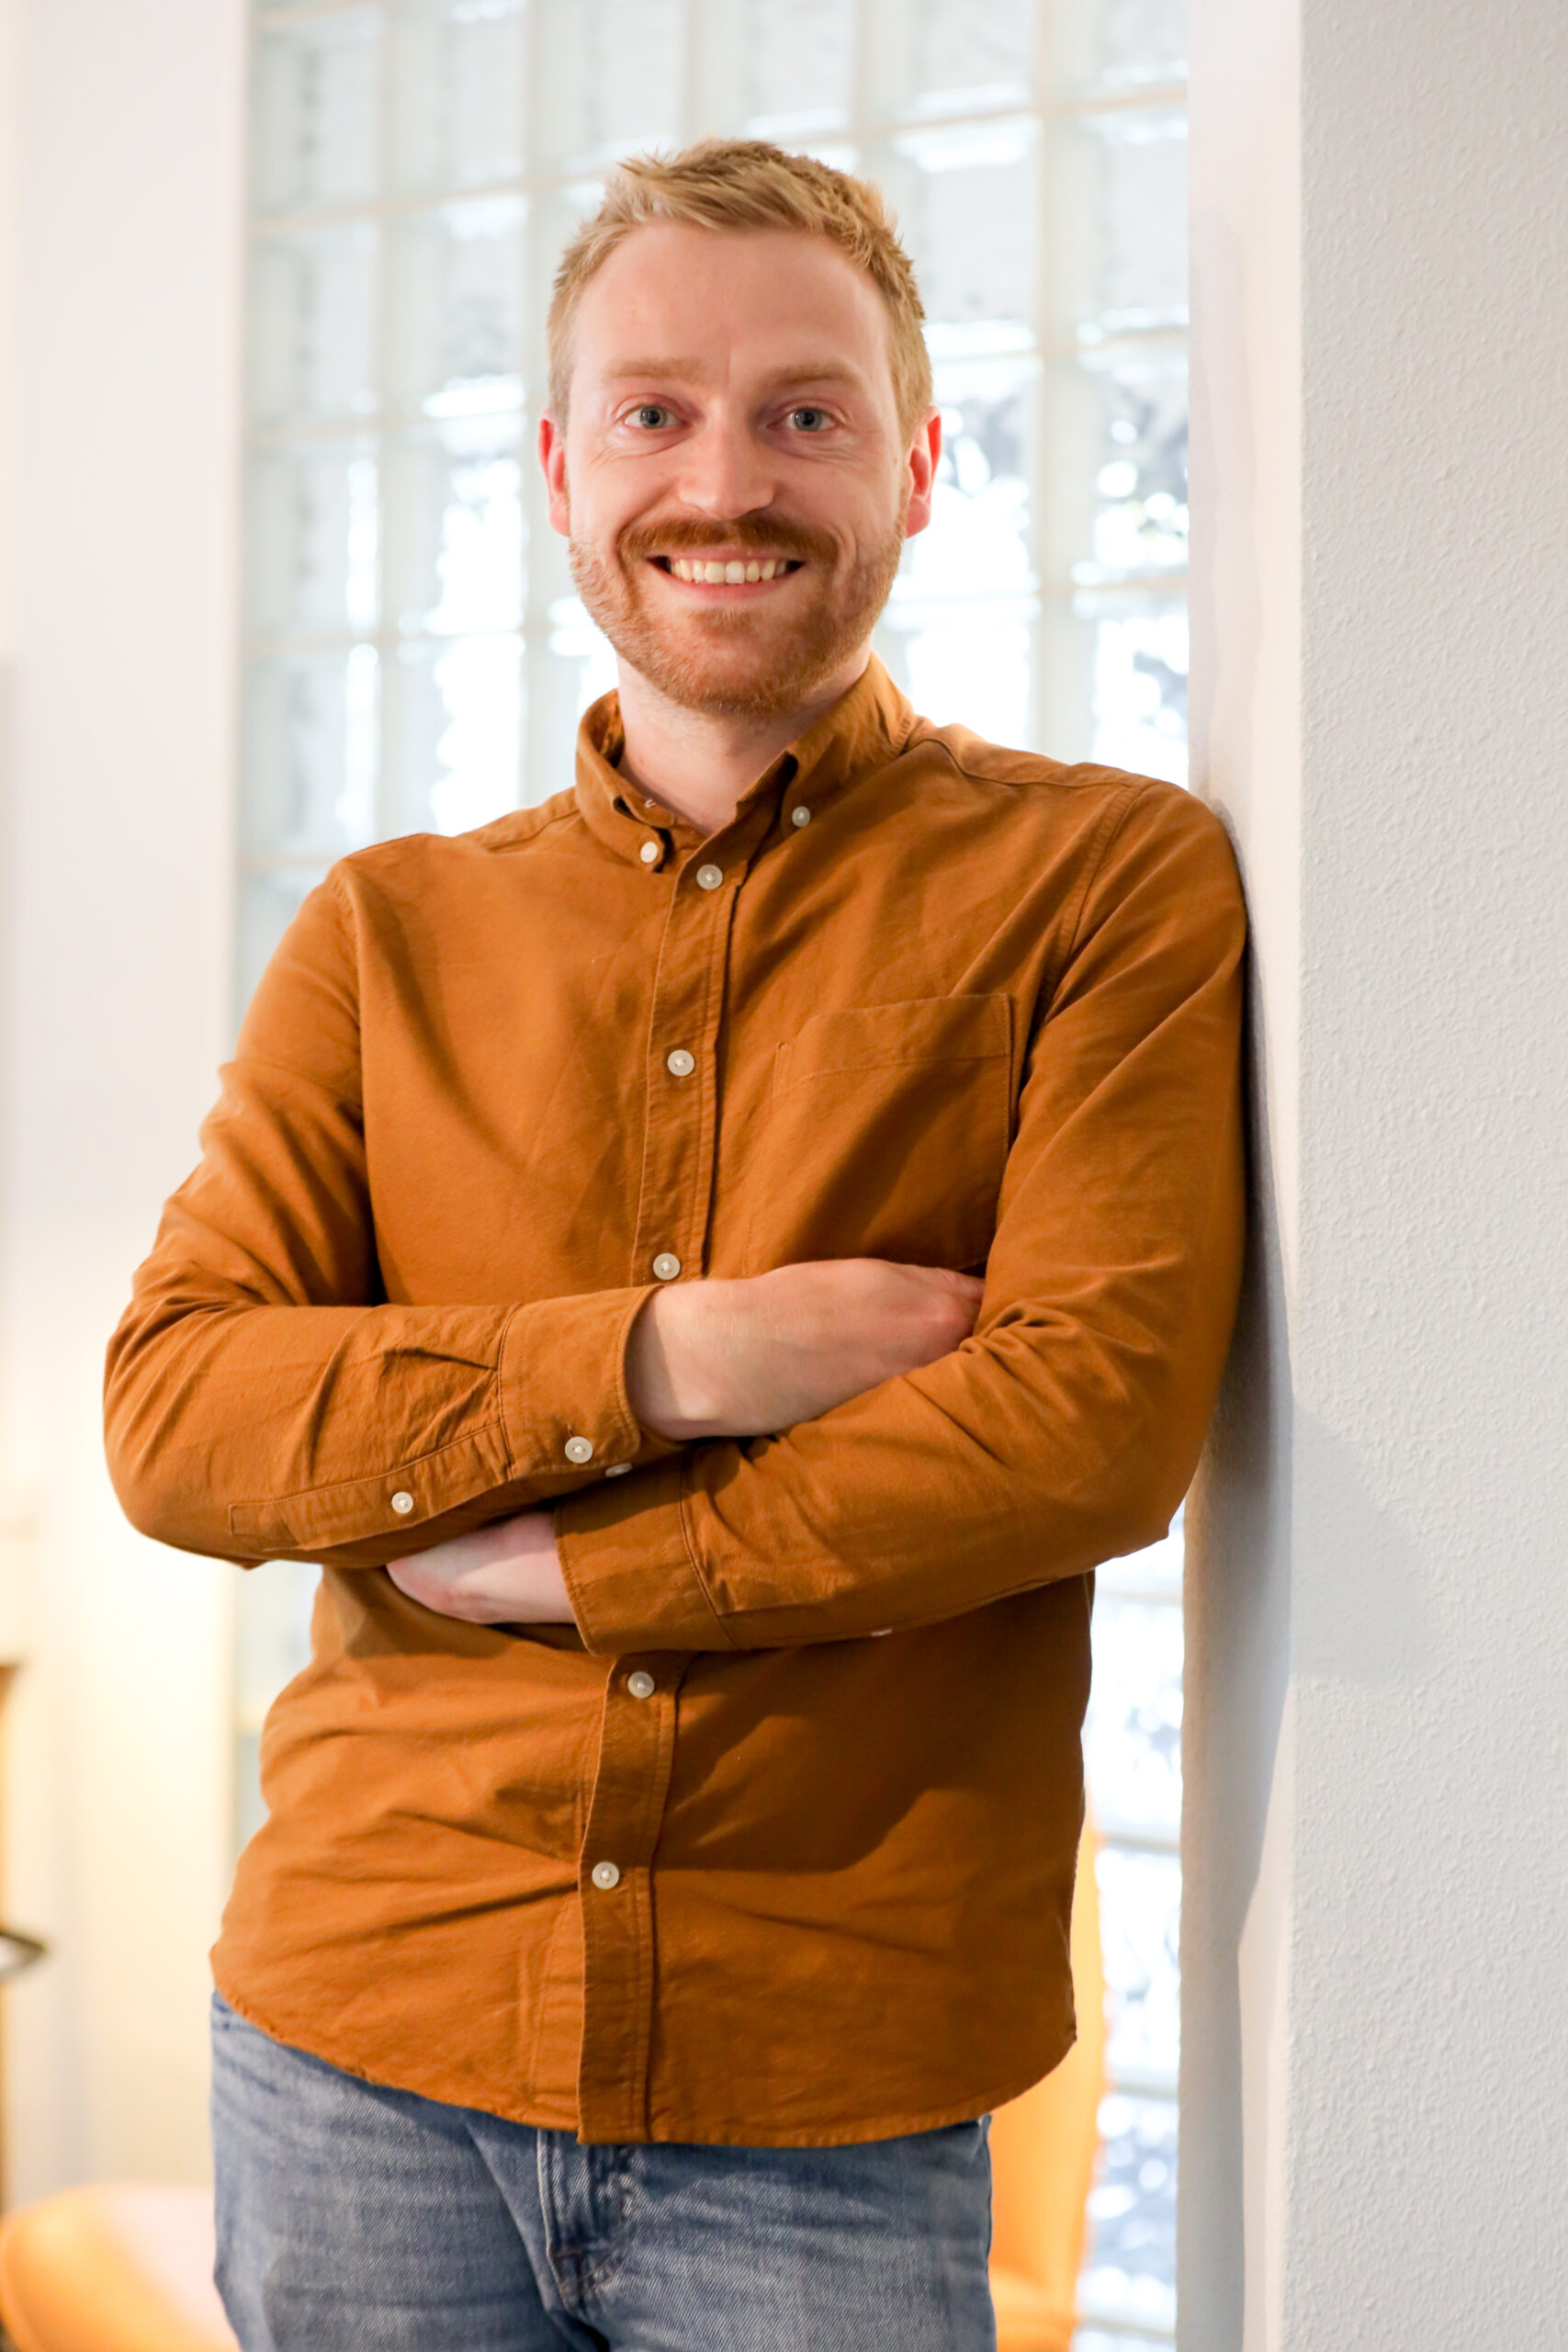 Johan van Bussel